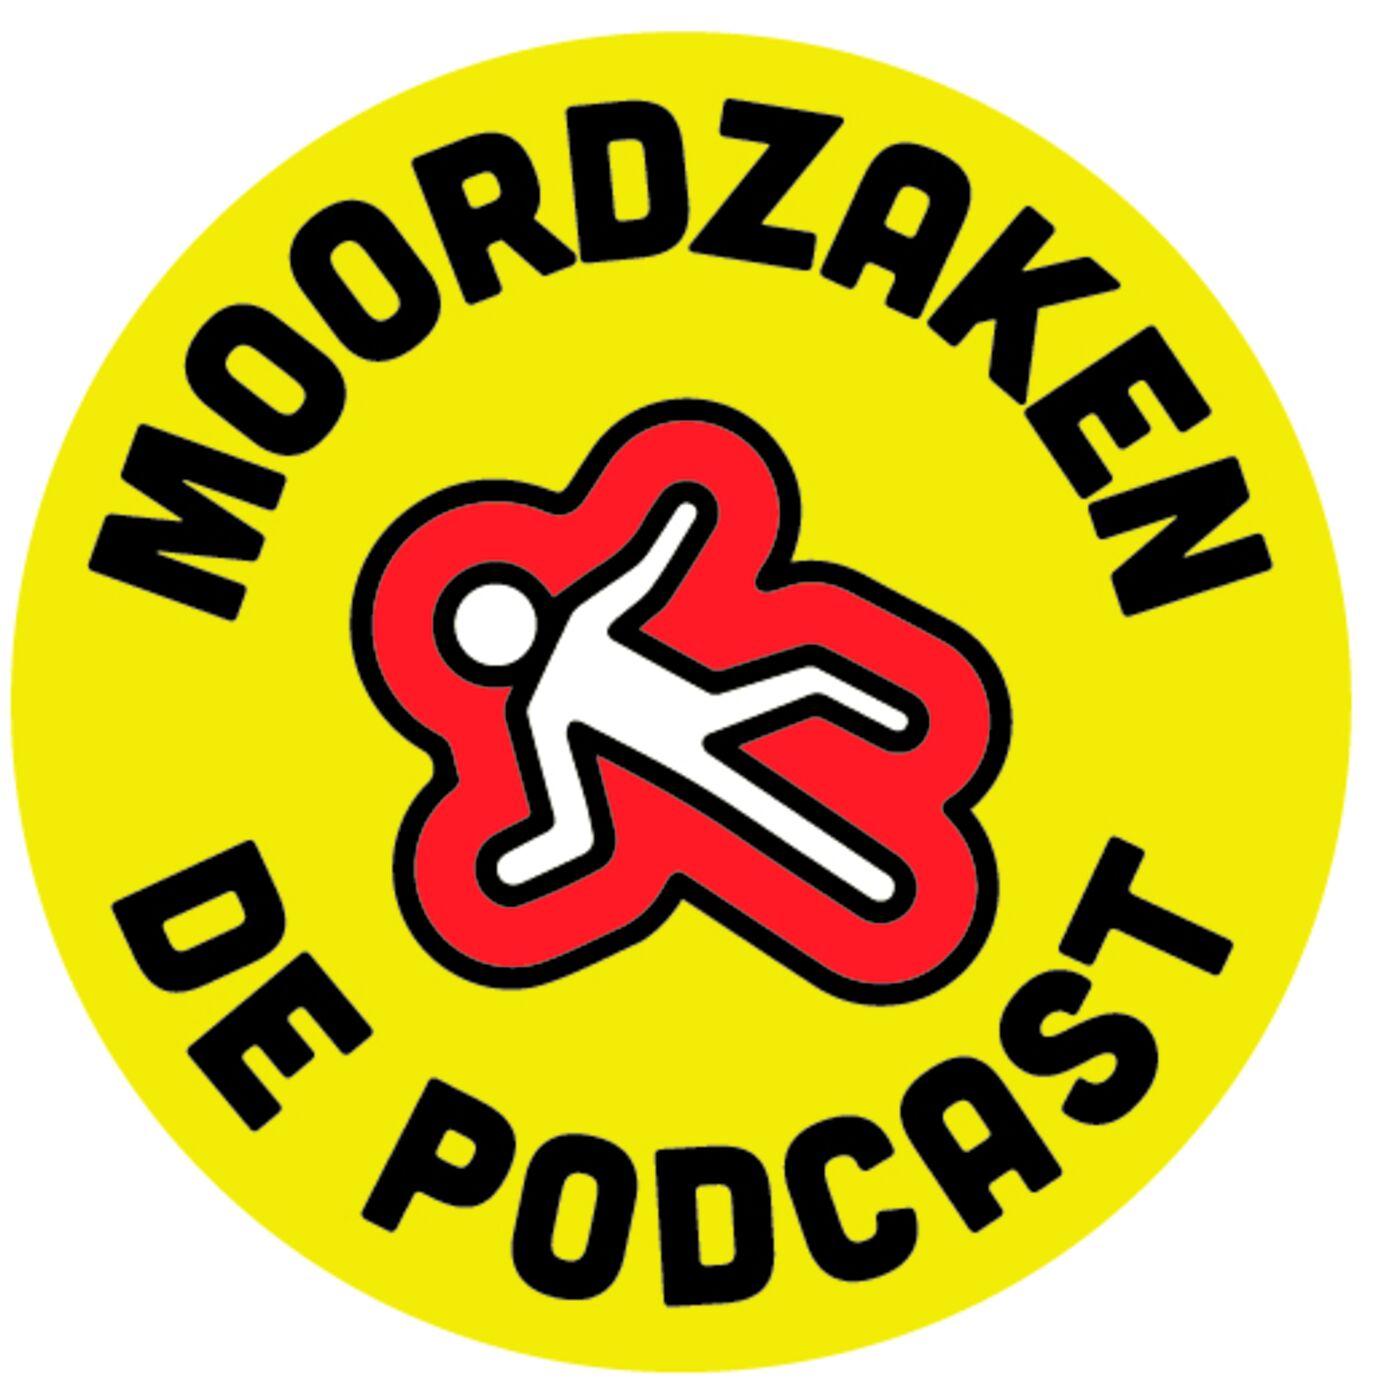 Moordzaken logo